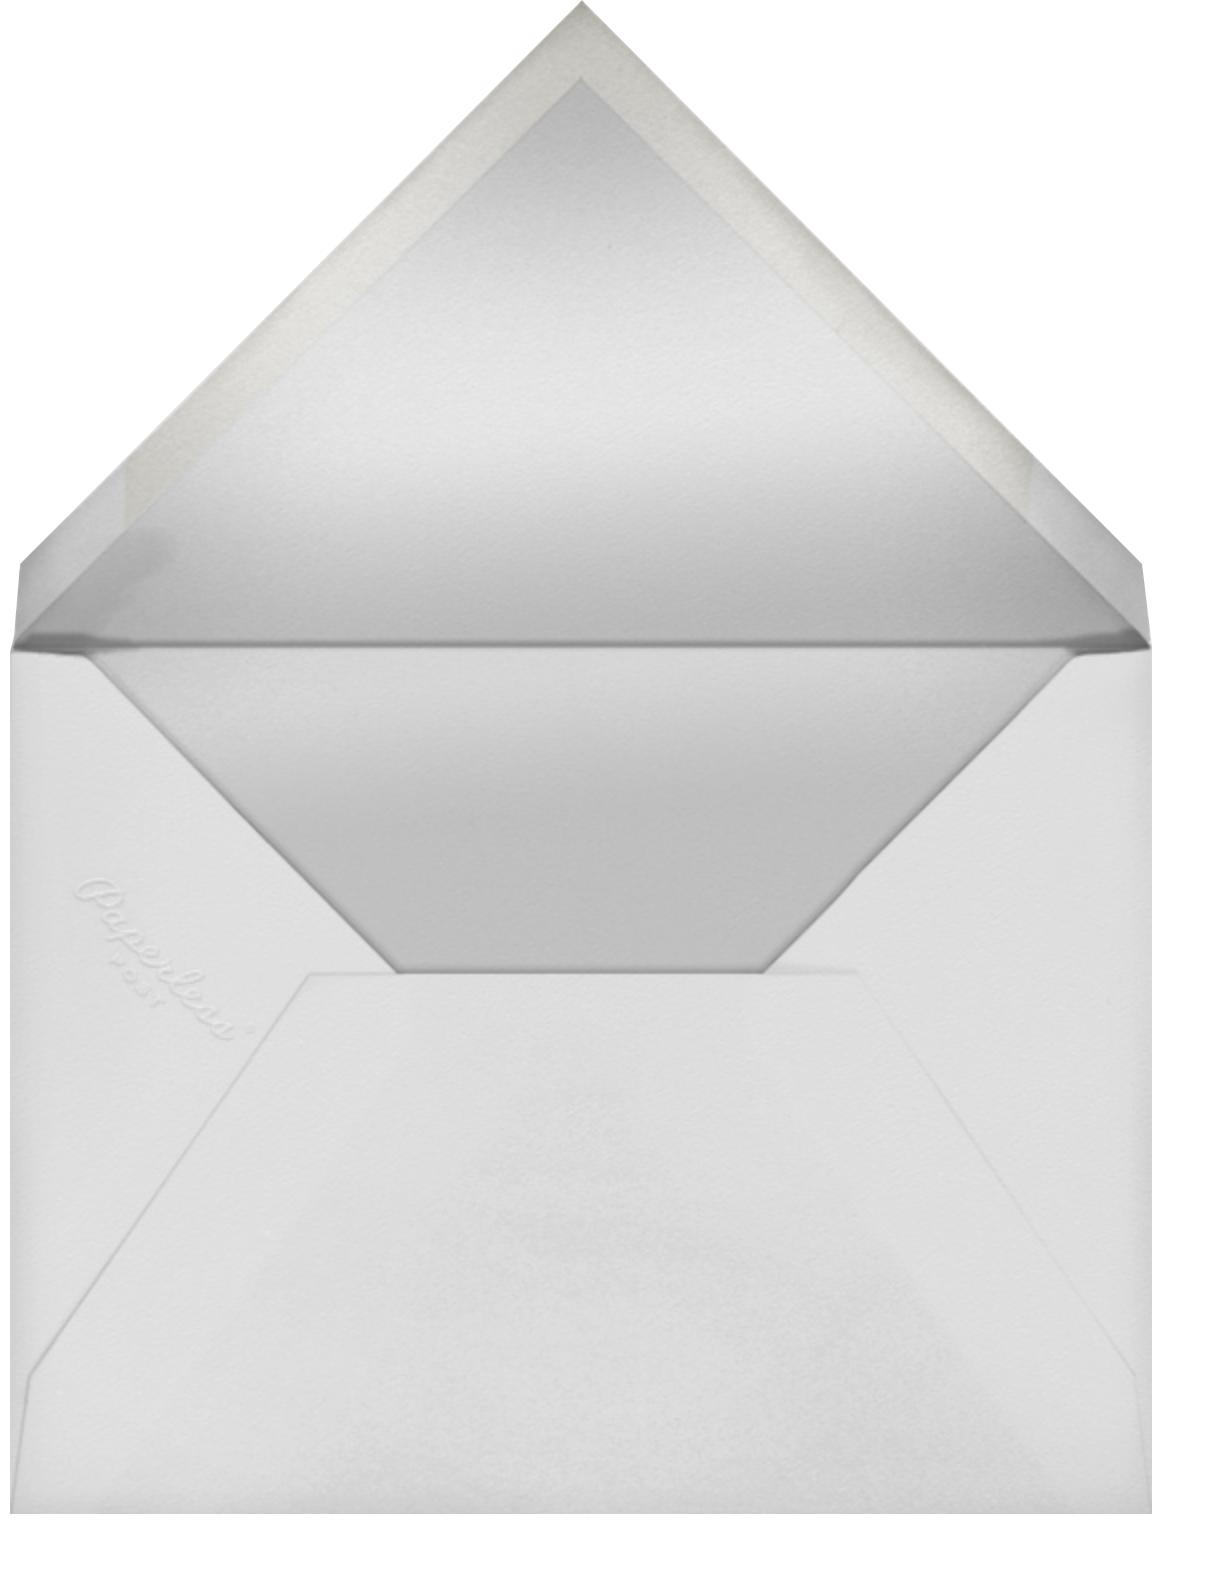 January Herbarium (Menu) - Rifle Paper Co. - Menus - envelope back